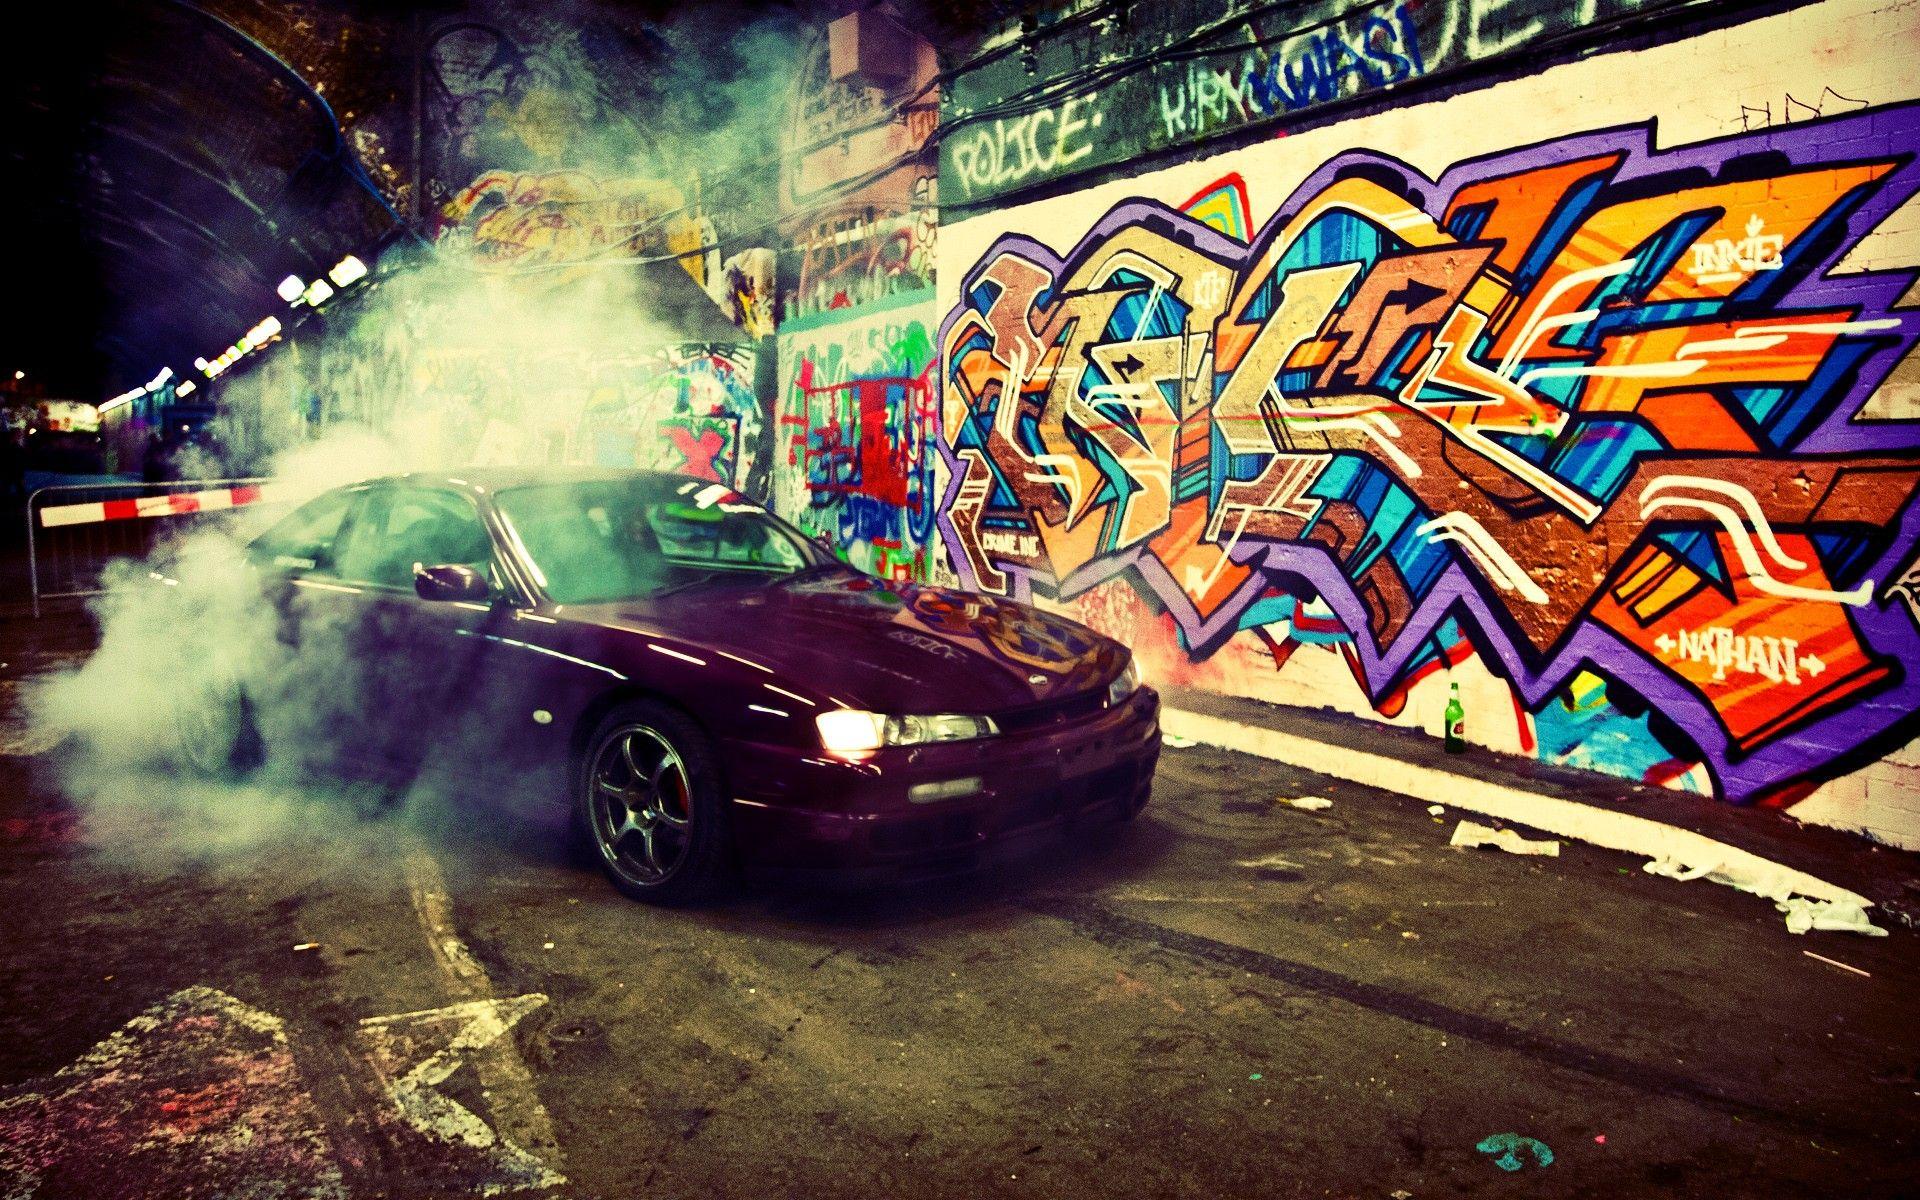 Cars And Graffiti Graffiti Images Graffiti Art Graffiti Lettering Graffiti Wallpaper Luke